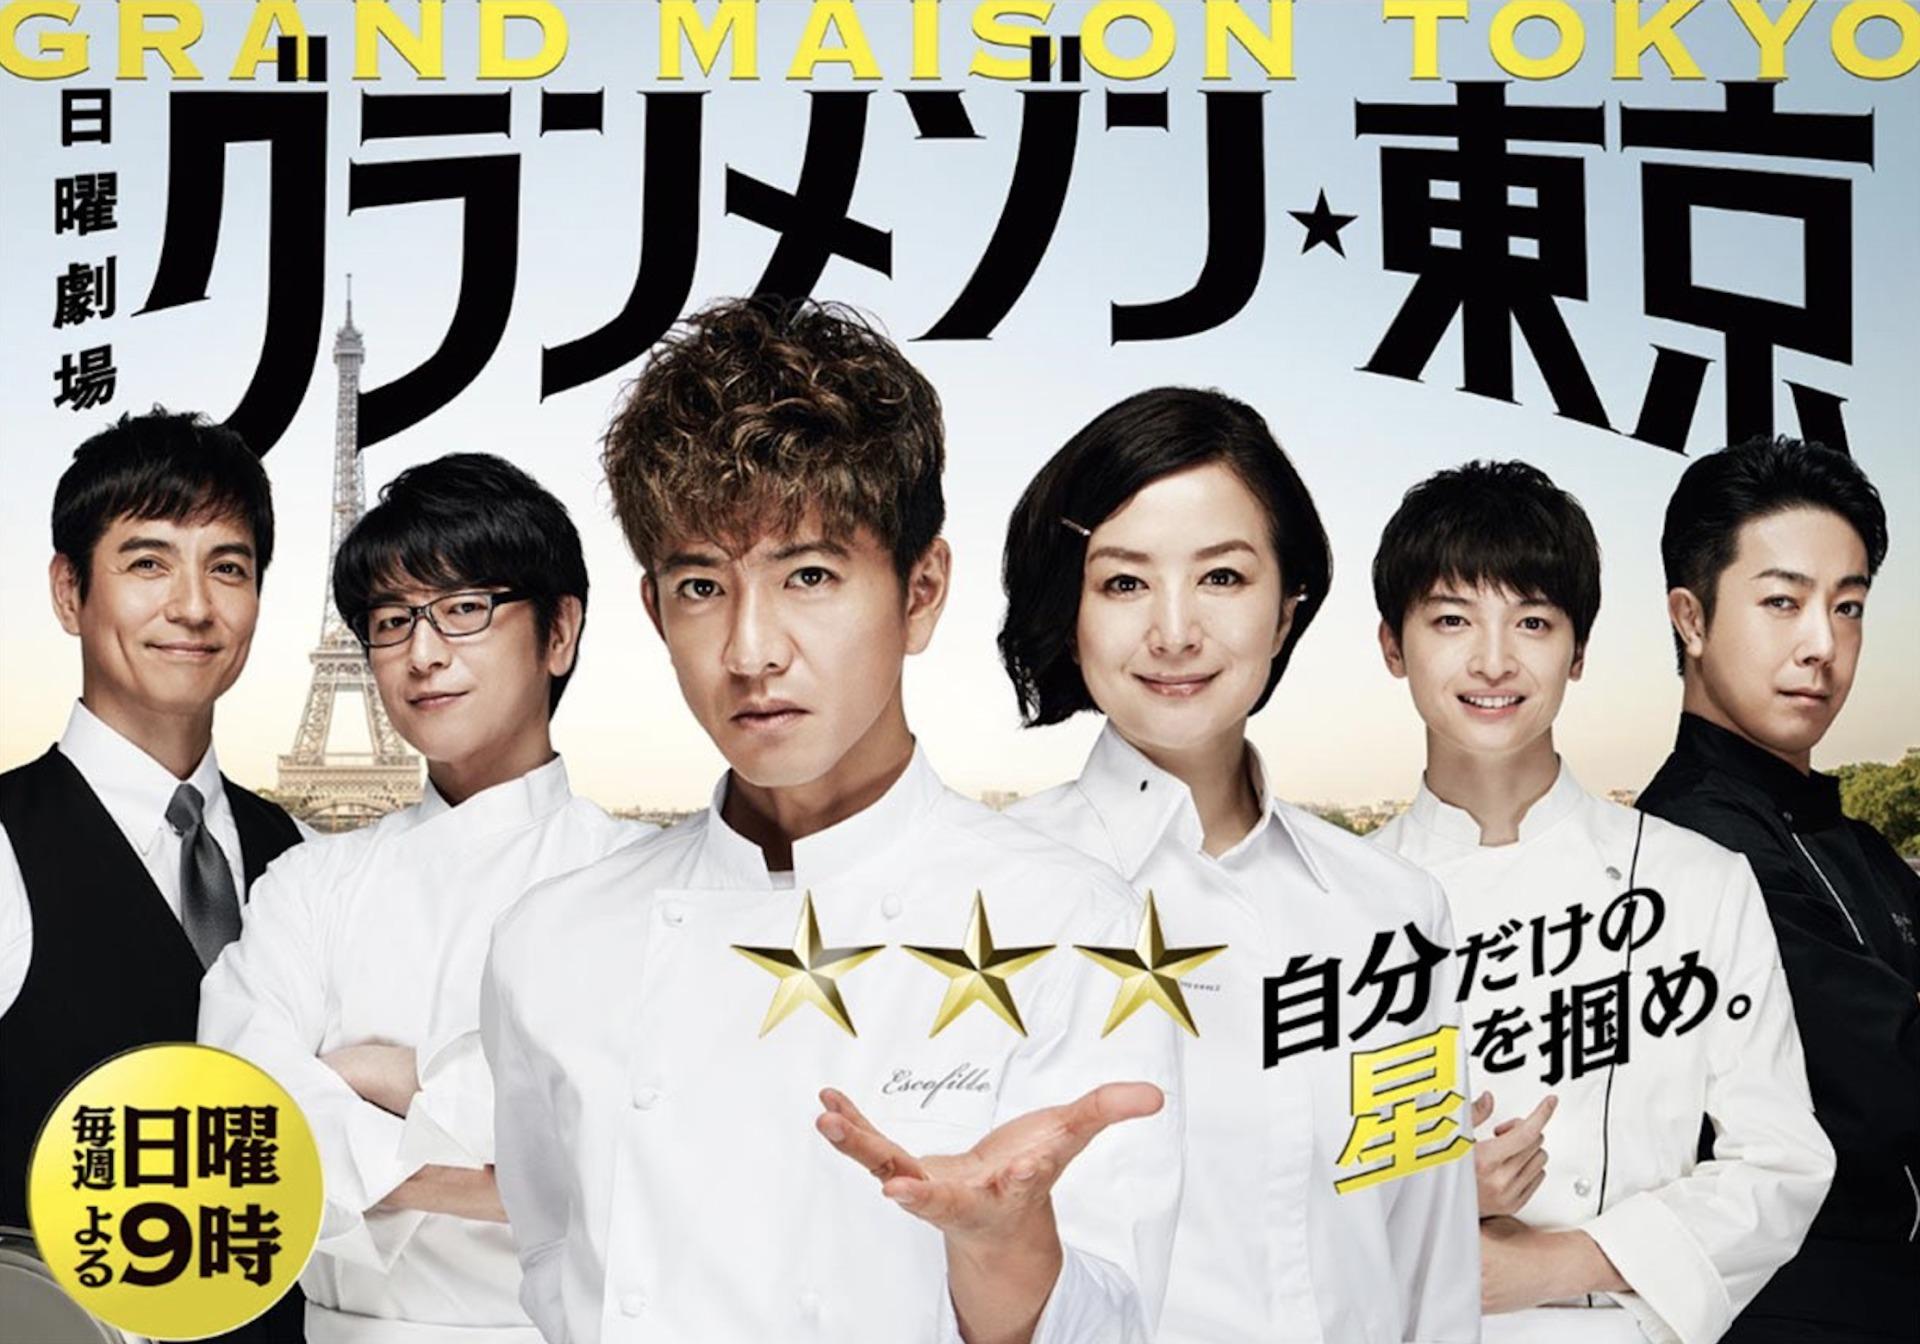 ドラマ『グランメゾン東京』の画像